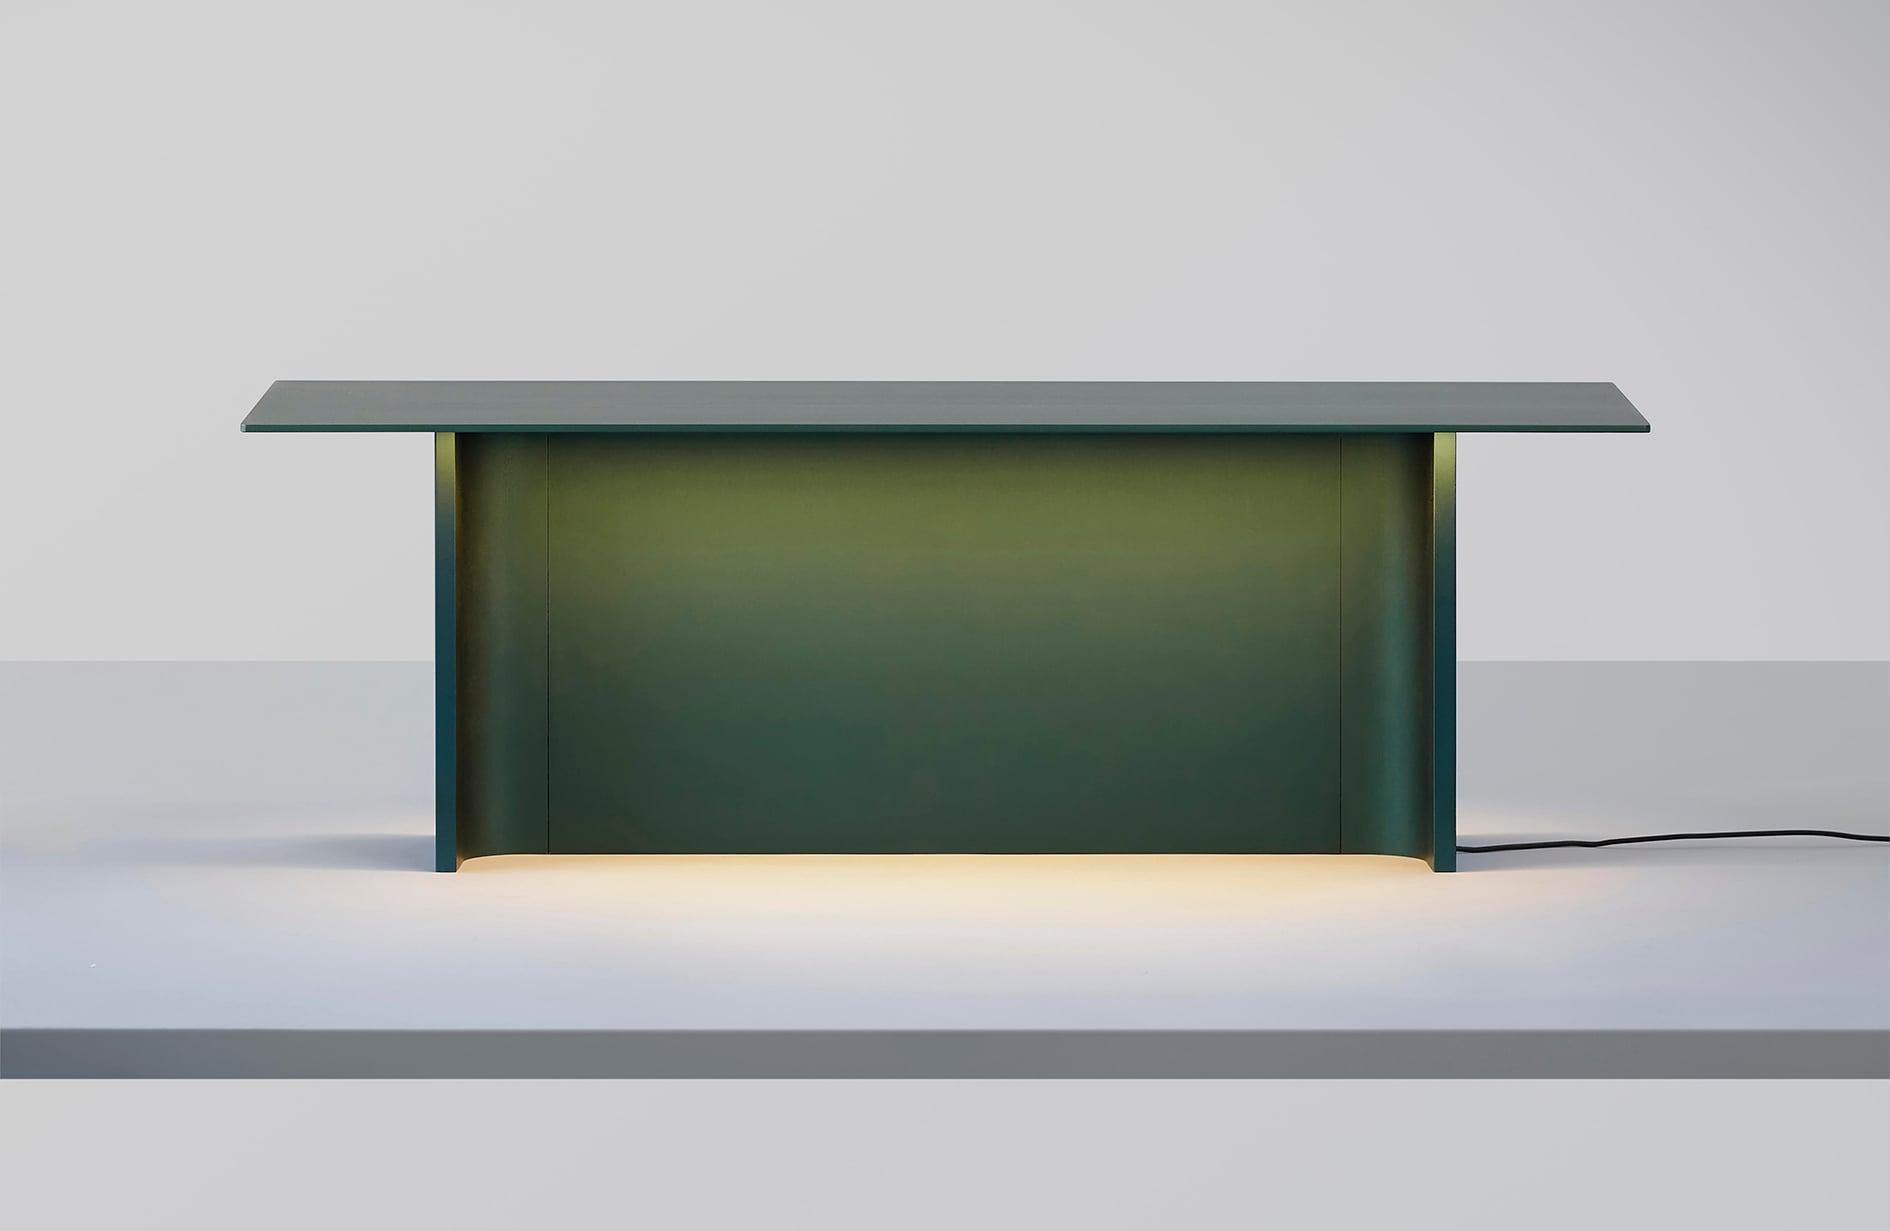 Lampada da tavolo Fienile, in alluminio anodizzato, design Daniel Rybakken per LUCEPLAN (1.219 €).